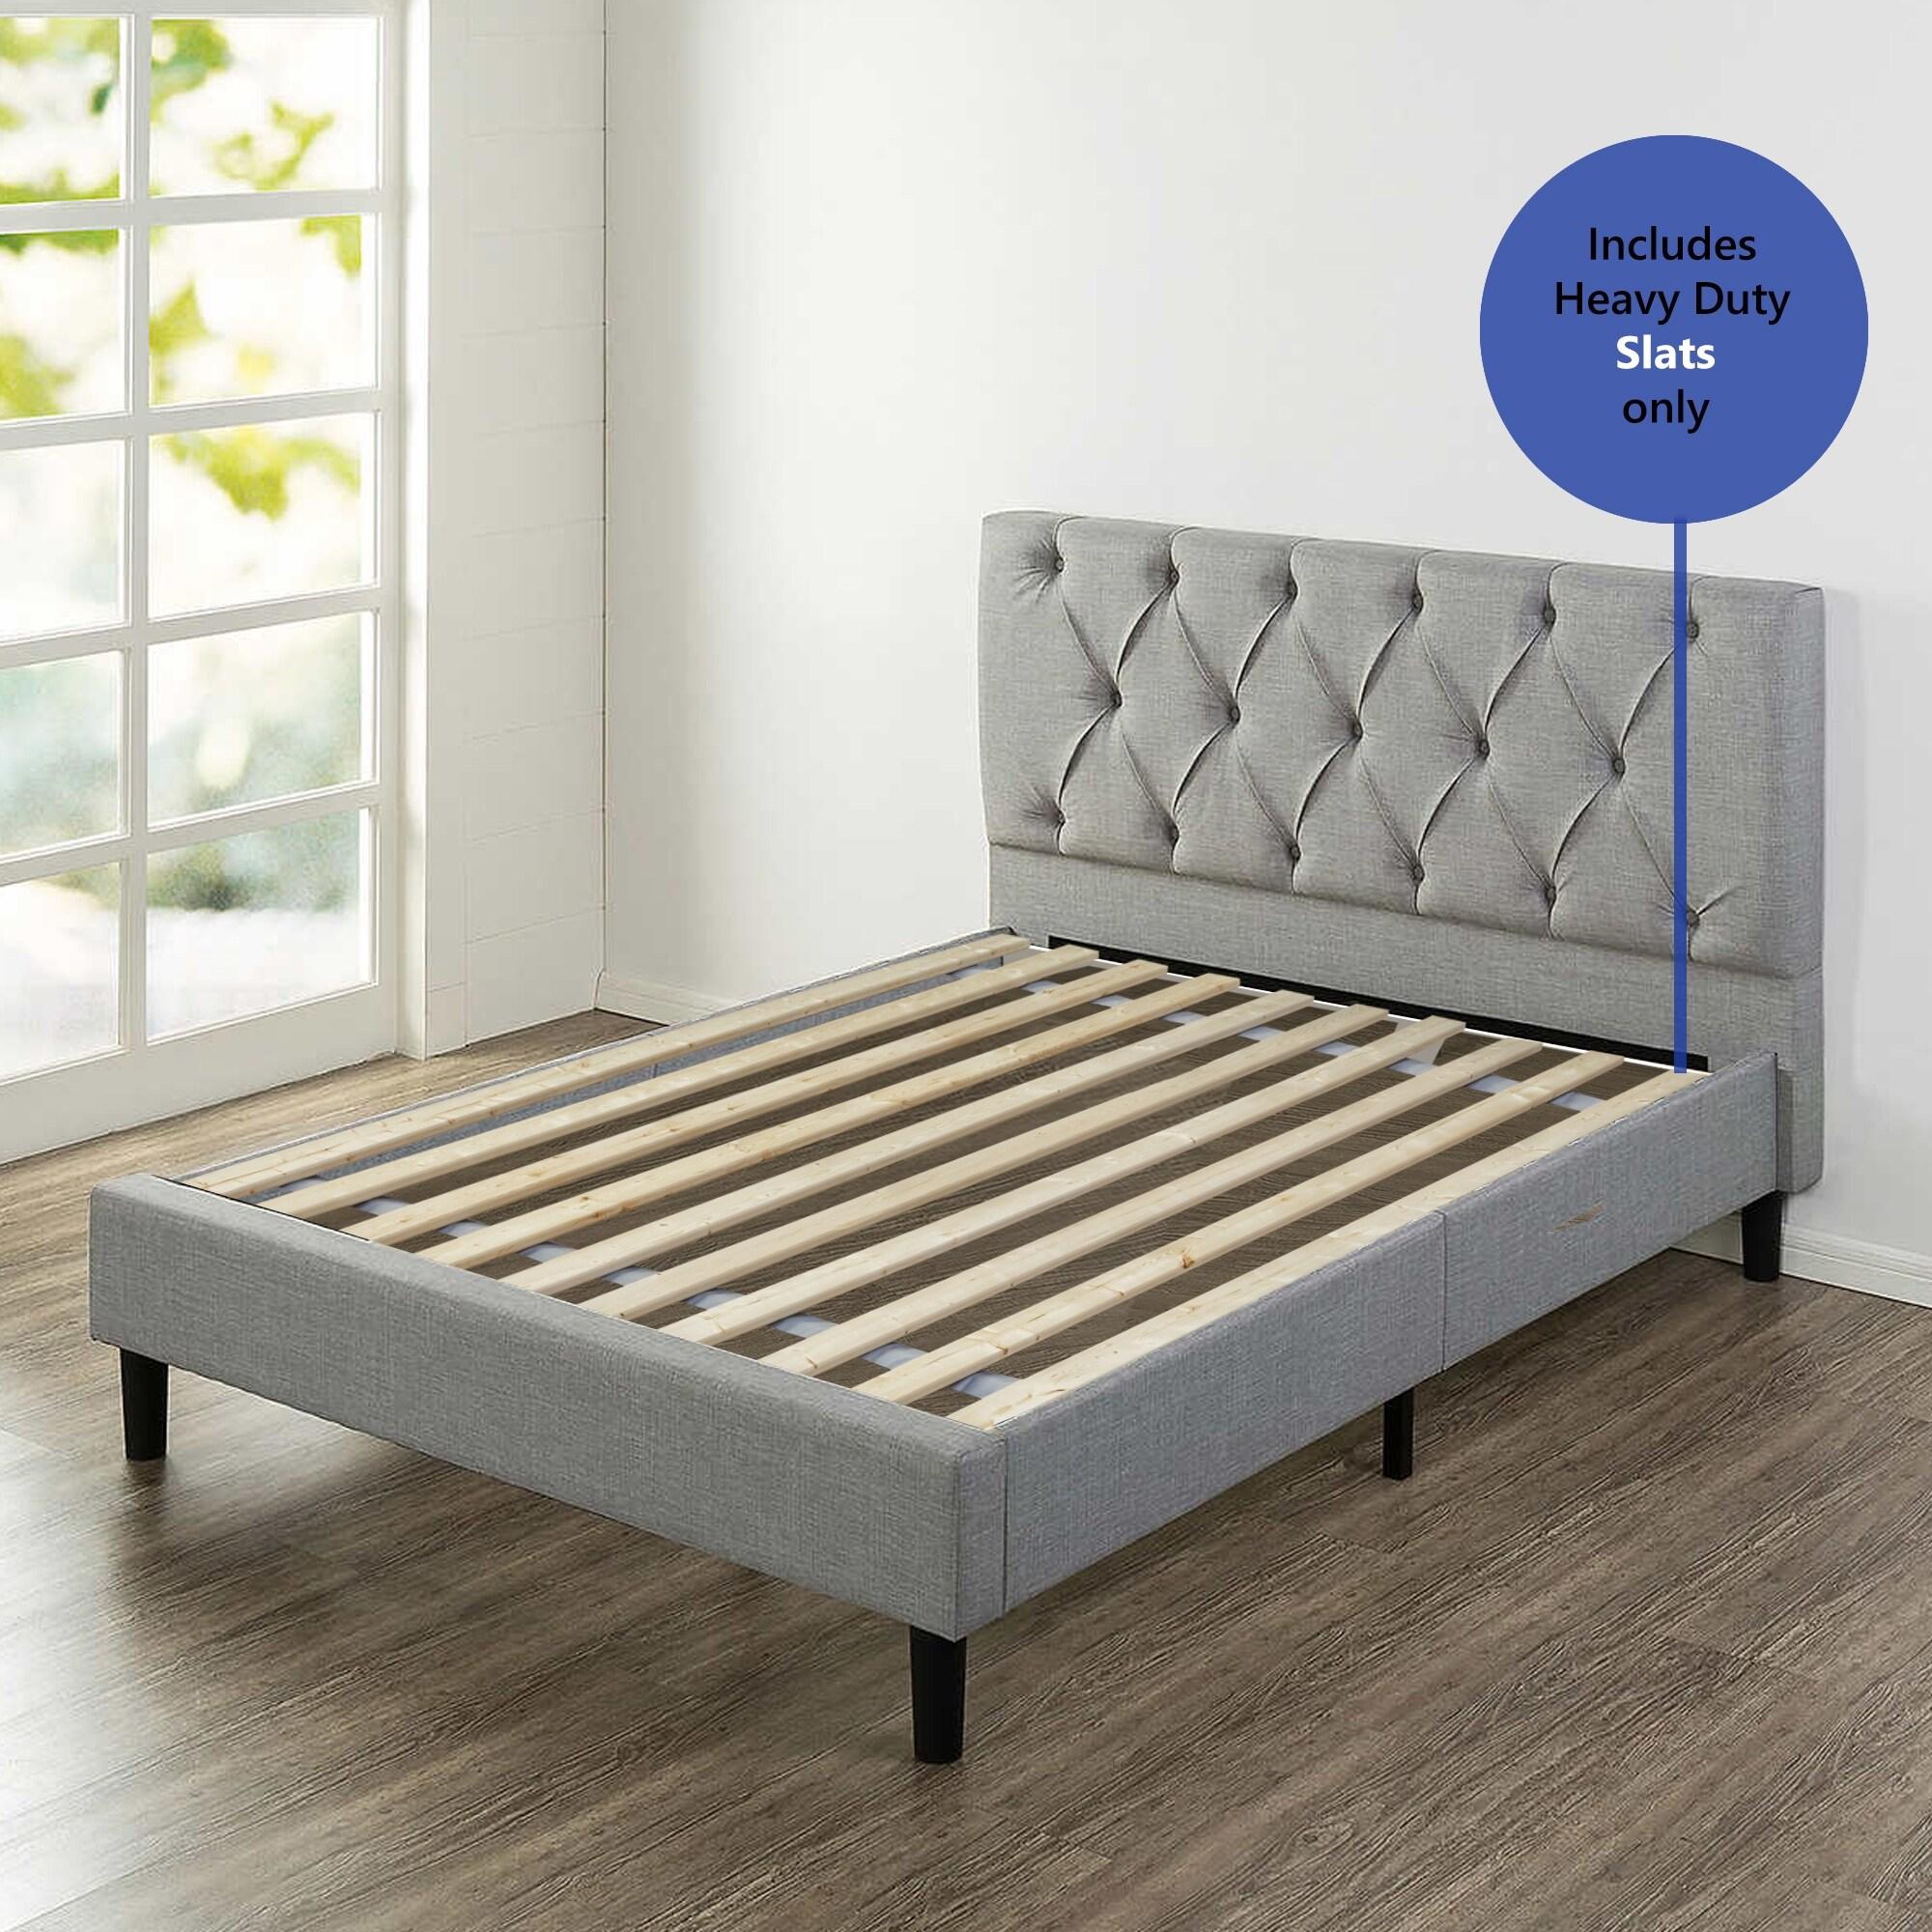 Twin Black Mattress Solution Heavy Duty Wooden Bed Slats//Bunkie Board Frame